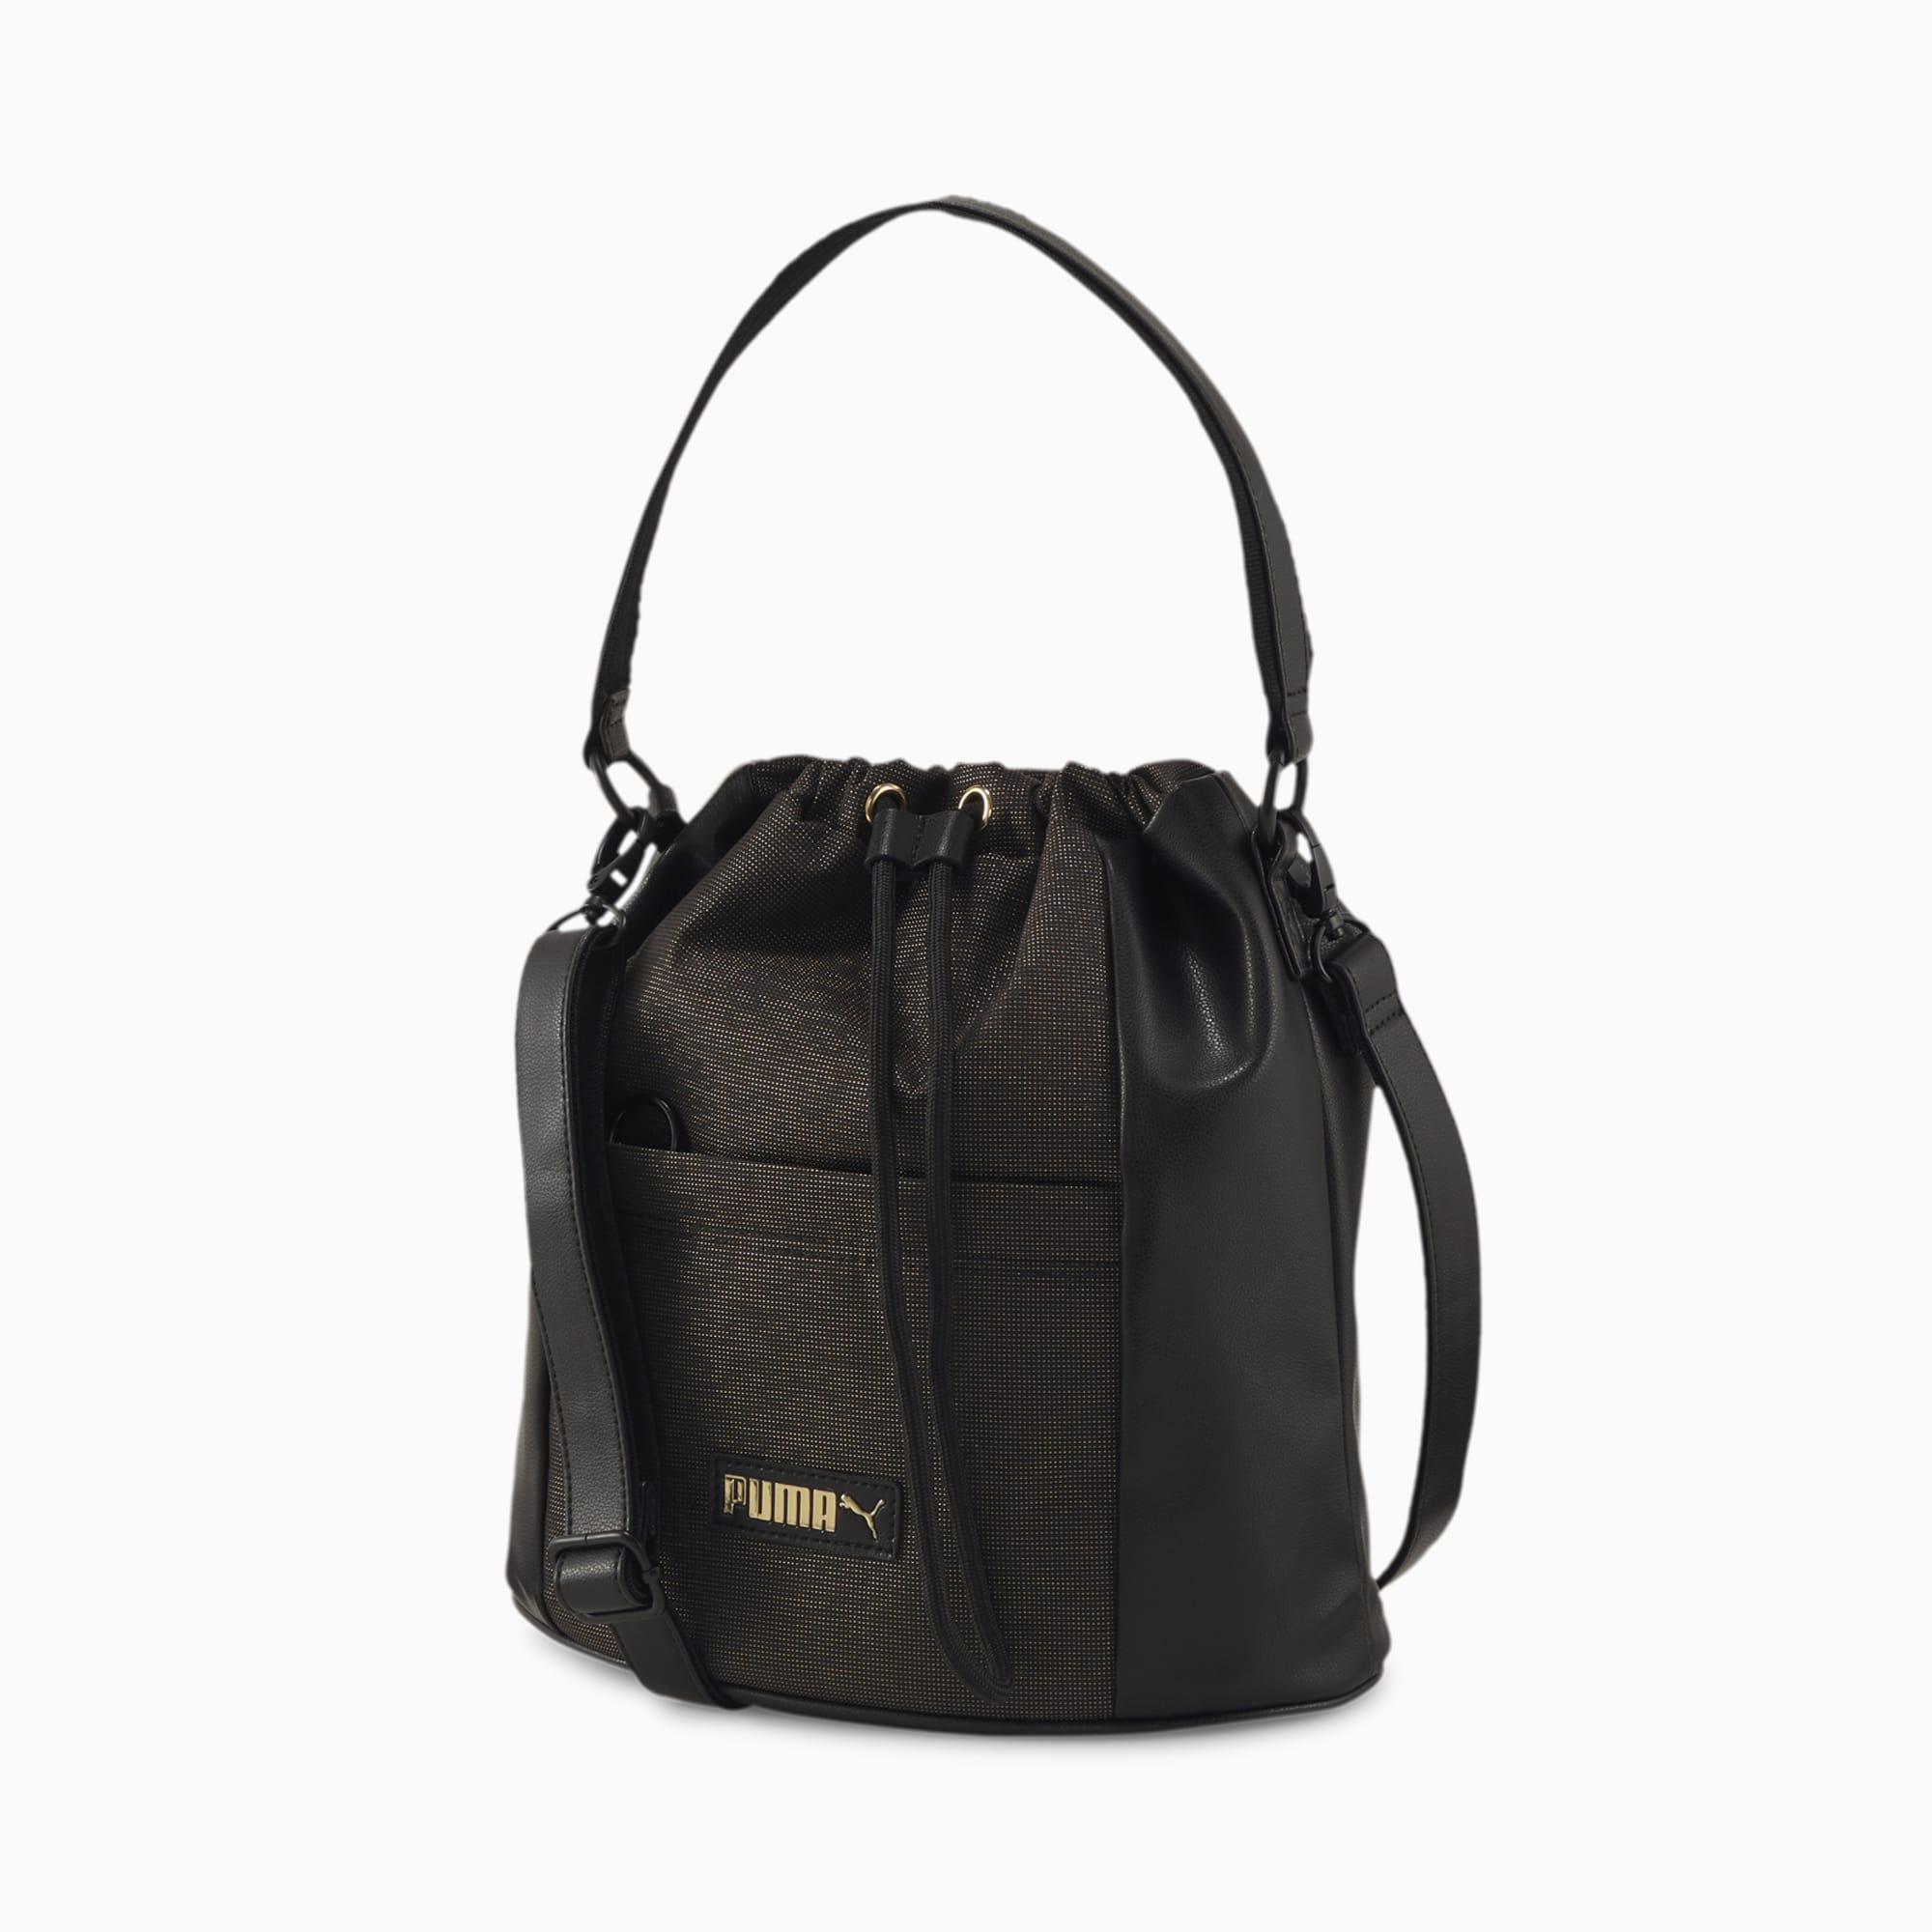 sac premium bucket pour femme, noir, accessoires